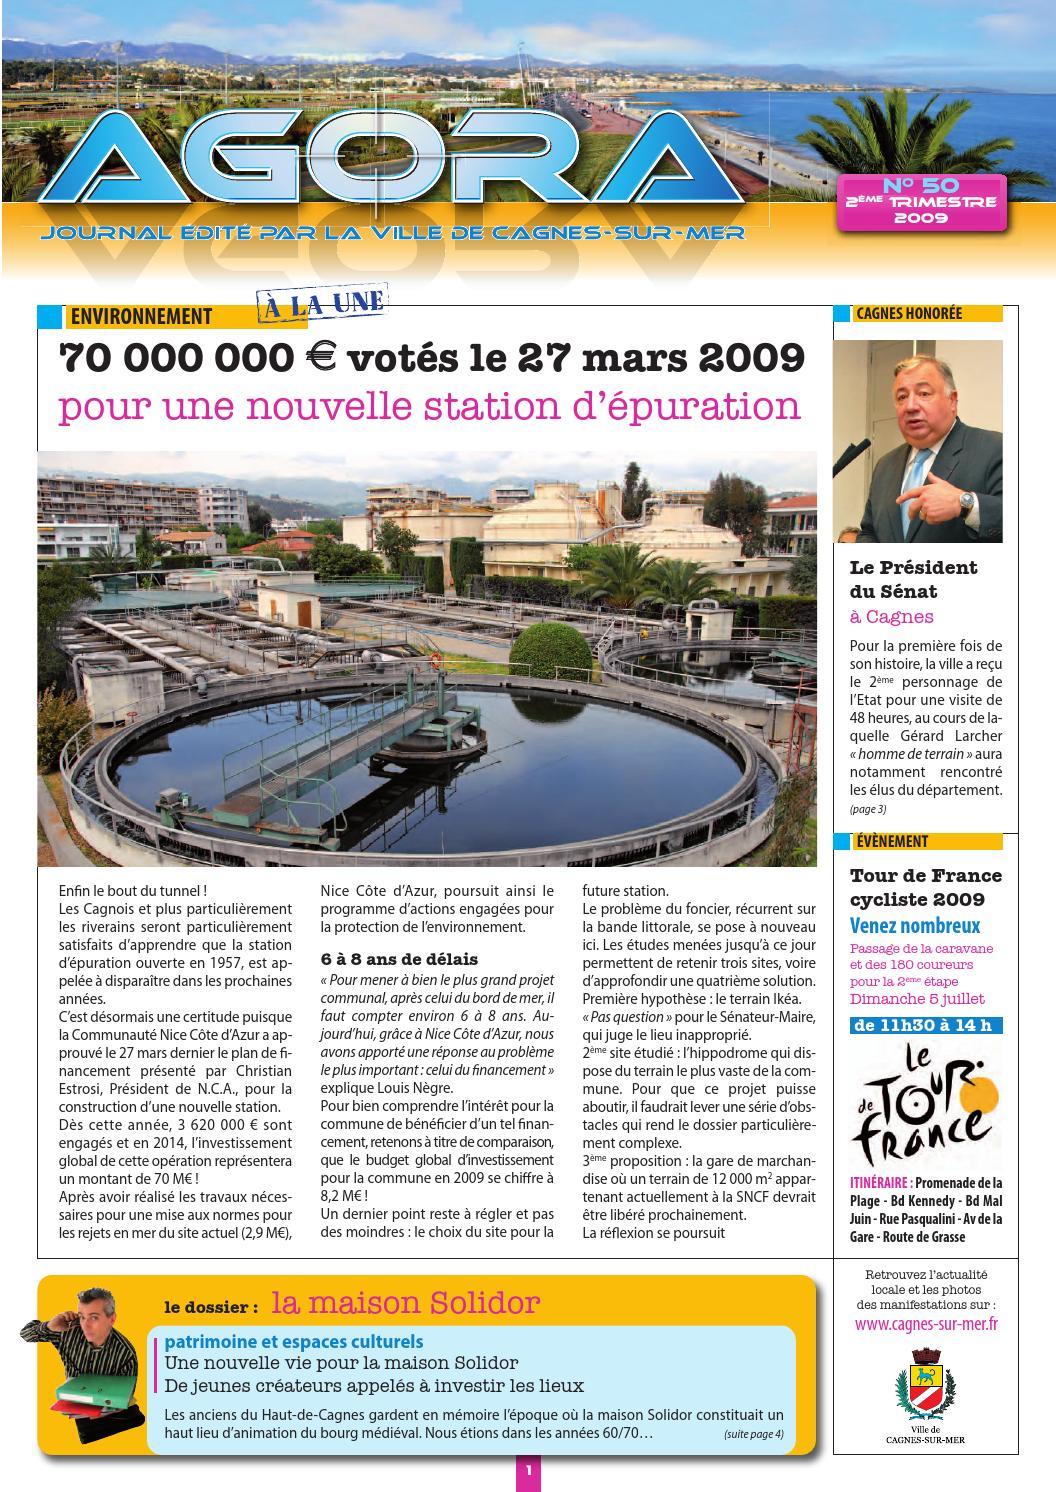 Carrelage Versace Cagnes Sur Mer agora n°50ville de cagnes-sur-mer - issuu